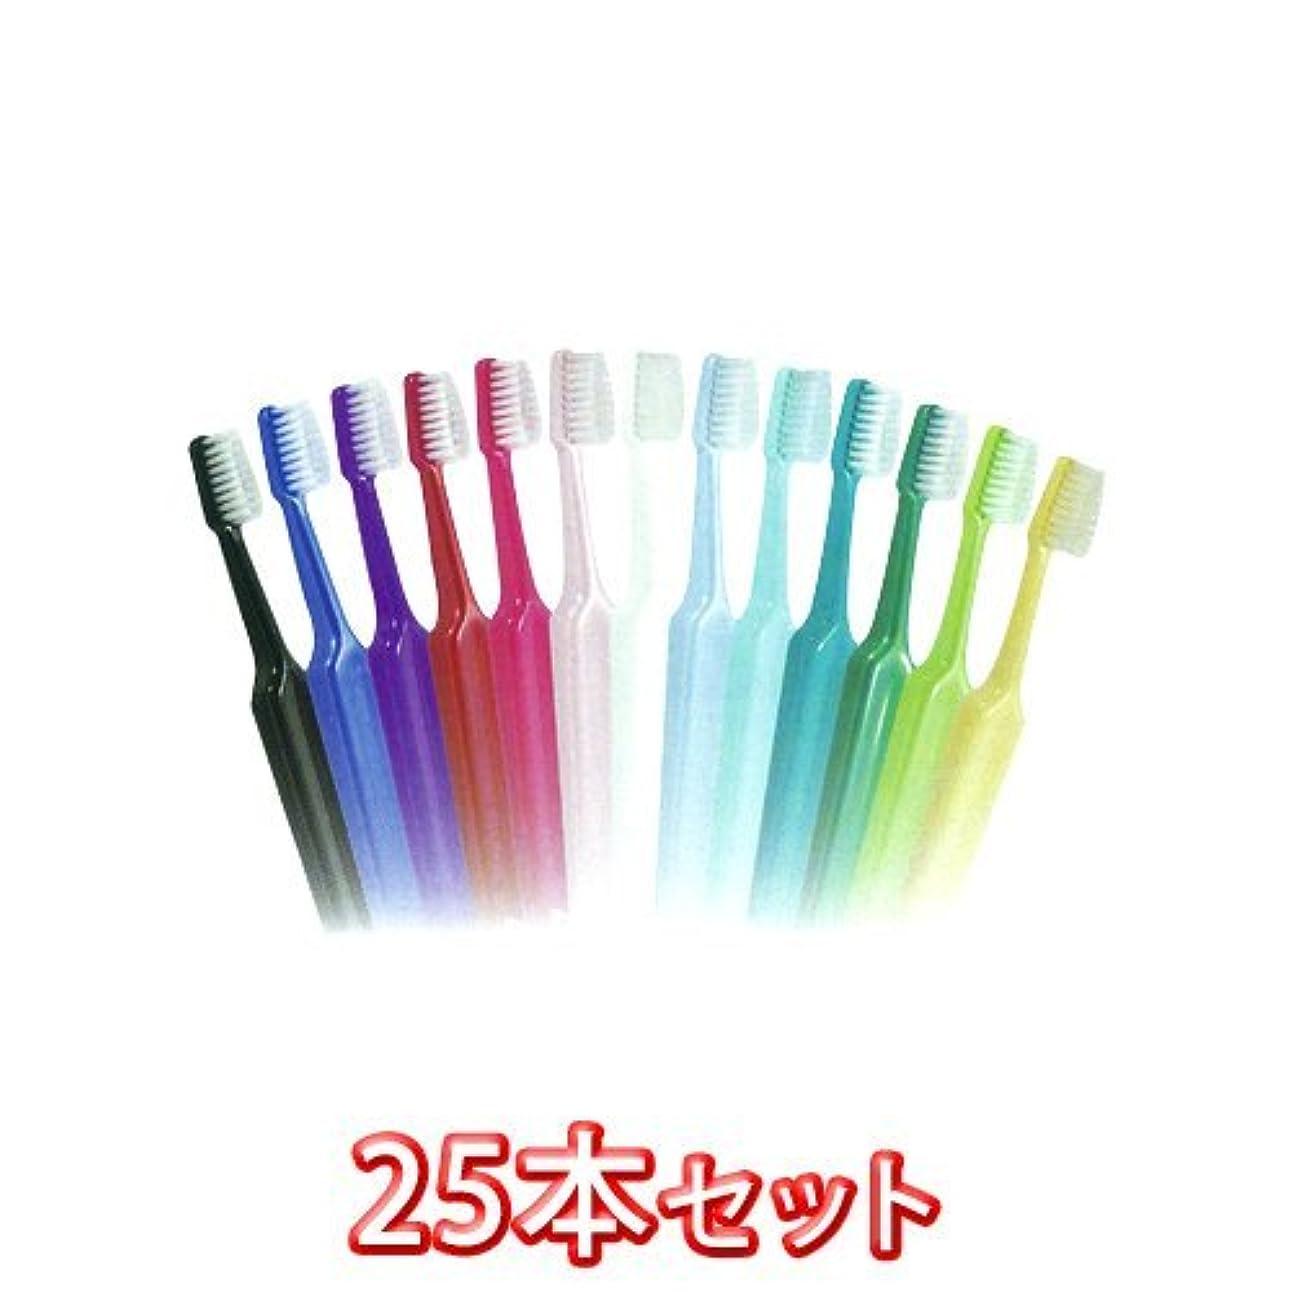 しかし是正するアストロラーベクロスフィールド TePe テペ セレクトソフト 歯ブラシ 25本入